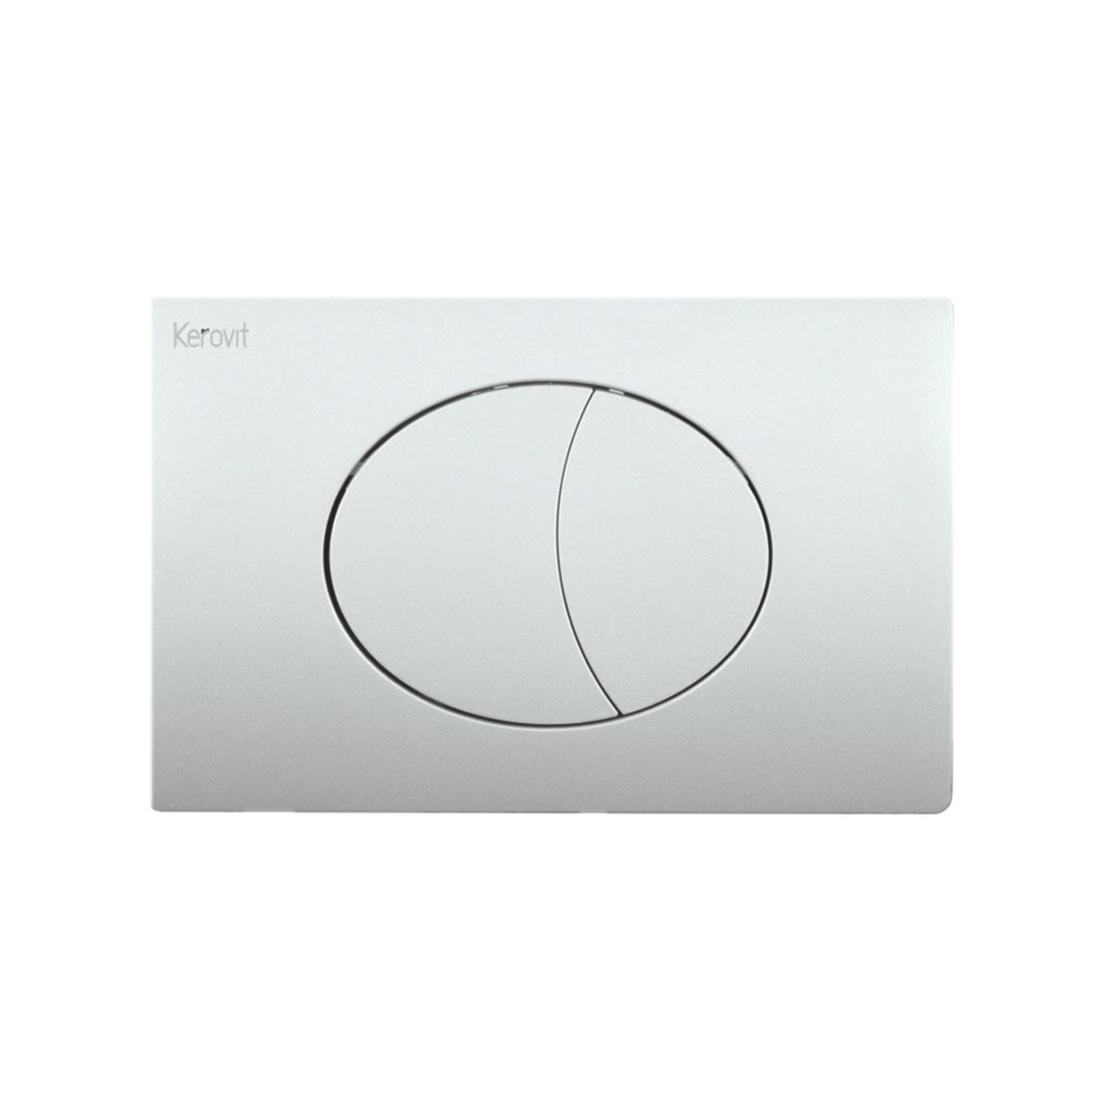 Kerovit Ege KB23622 Flush Plate